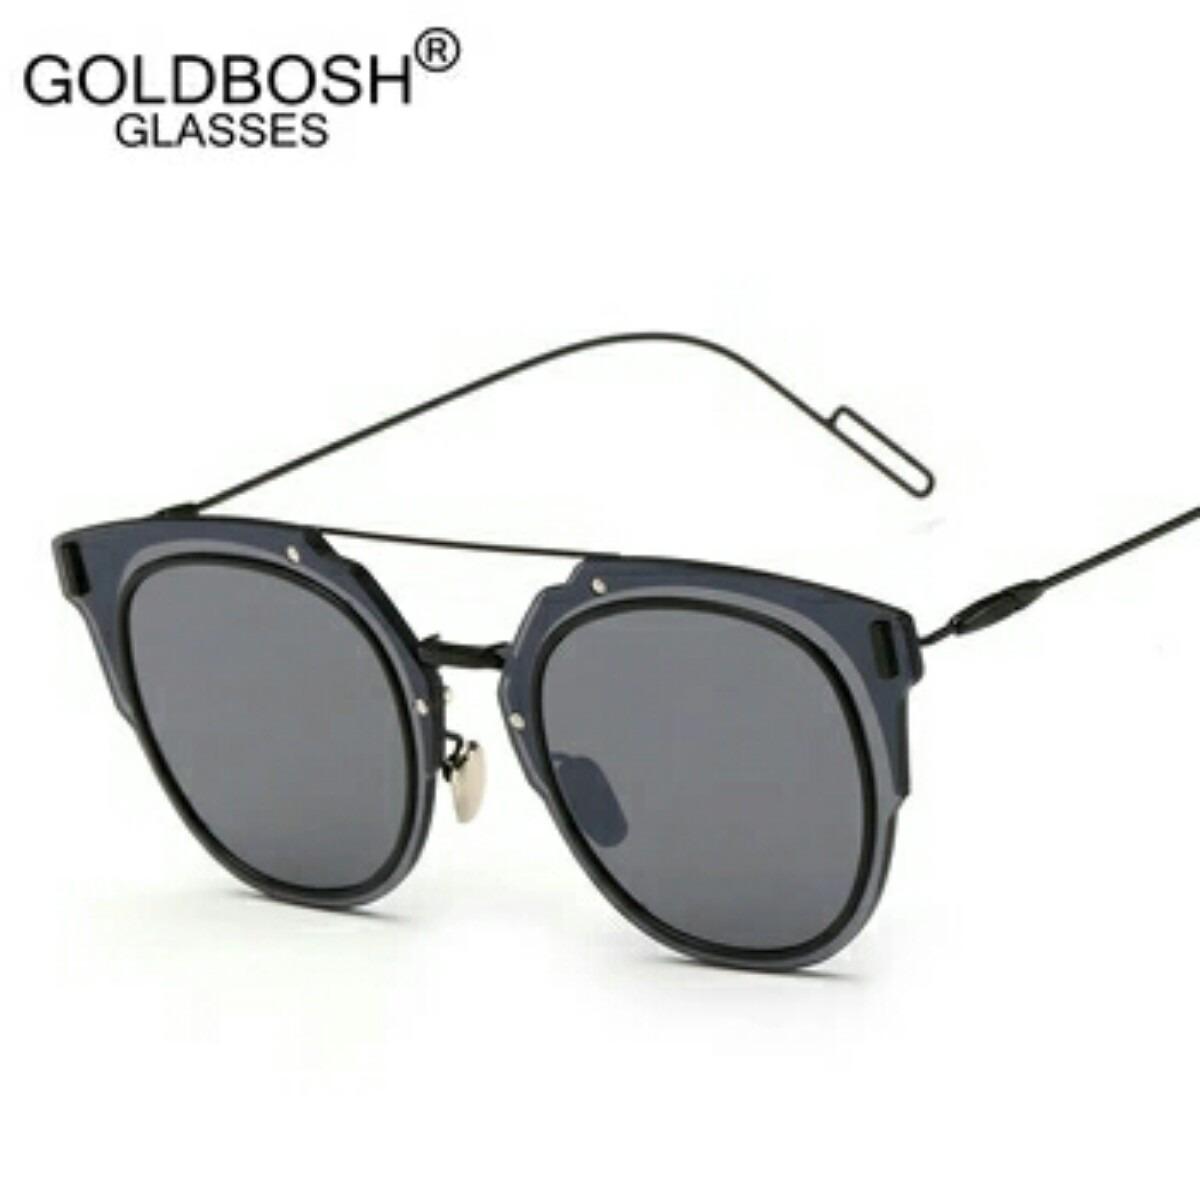 a24889497 oculos de sol justin bieber - importado, frete grátis! Carregando zoom.